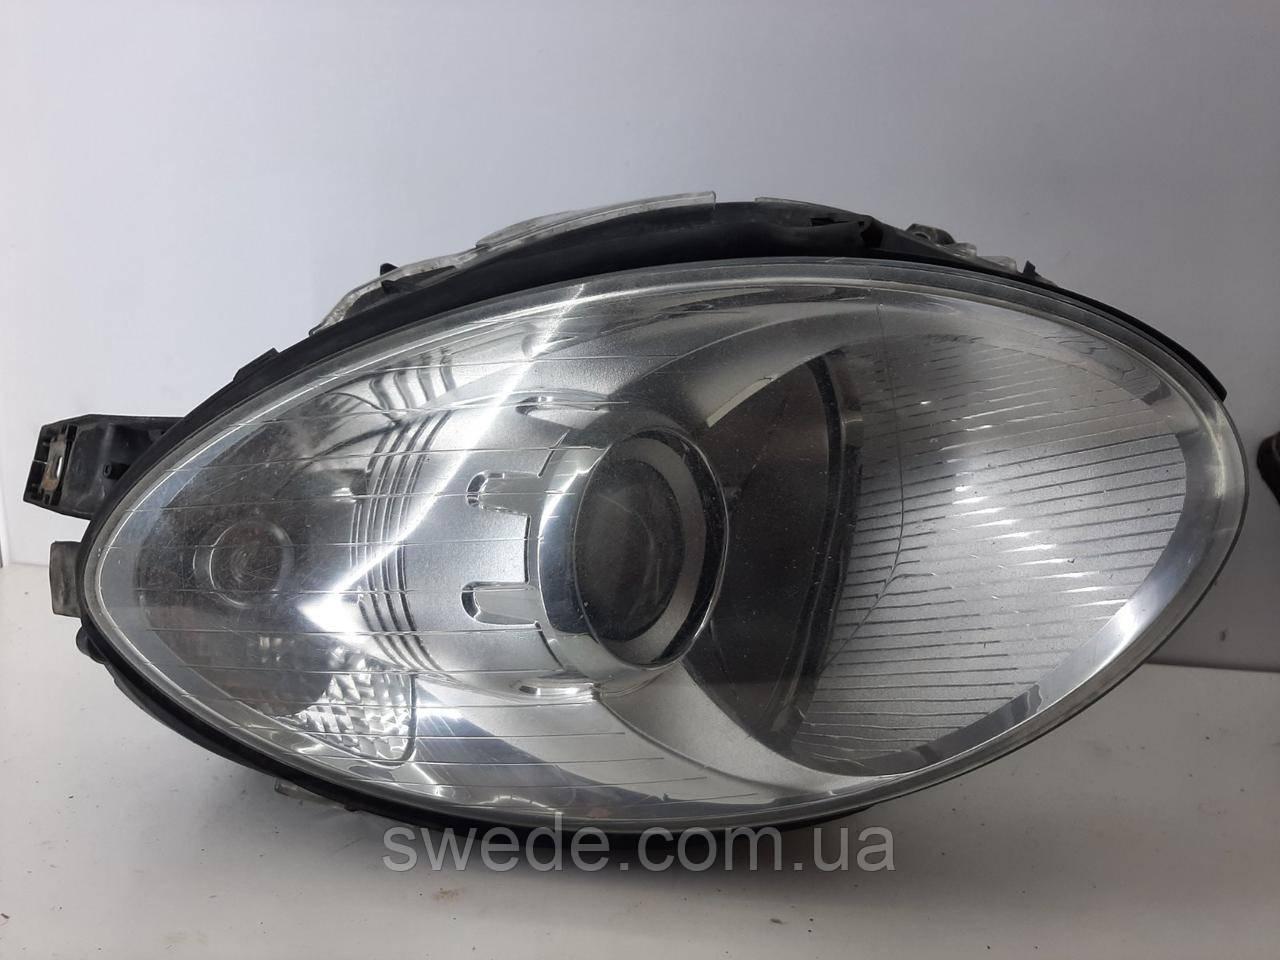 Фара правая Mercedes W251 2005-2013 гг A2518260291